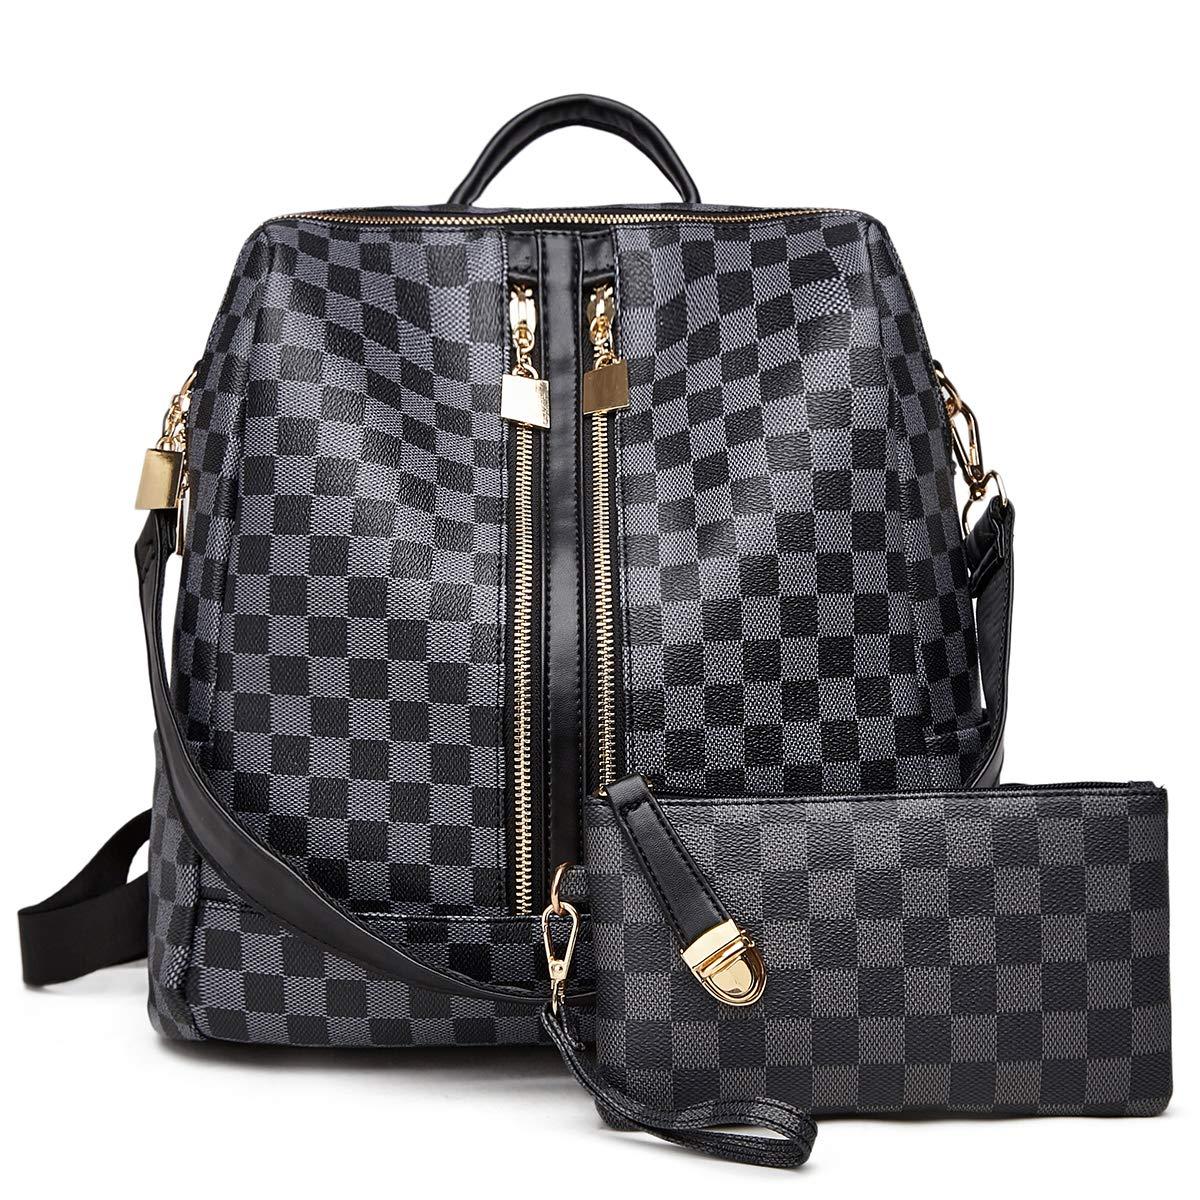 d4dd1c92d57d Backpack for women Fashion Leather Ladies Rucksack Crossbody Shoulder Bag  2pcs Purses Backpack Set